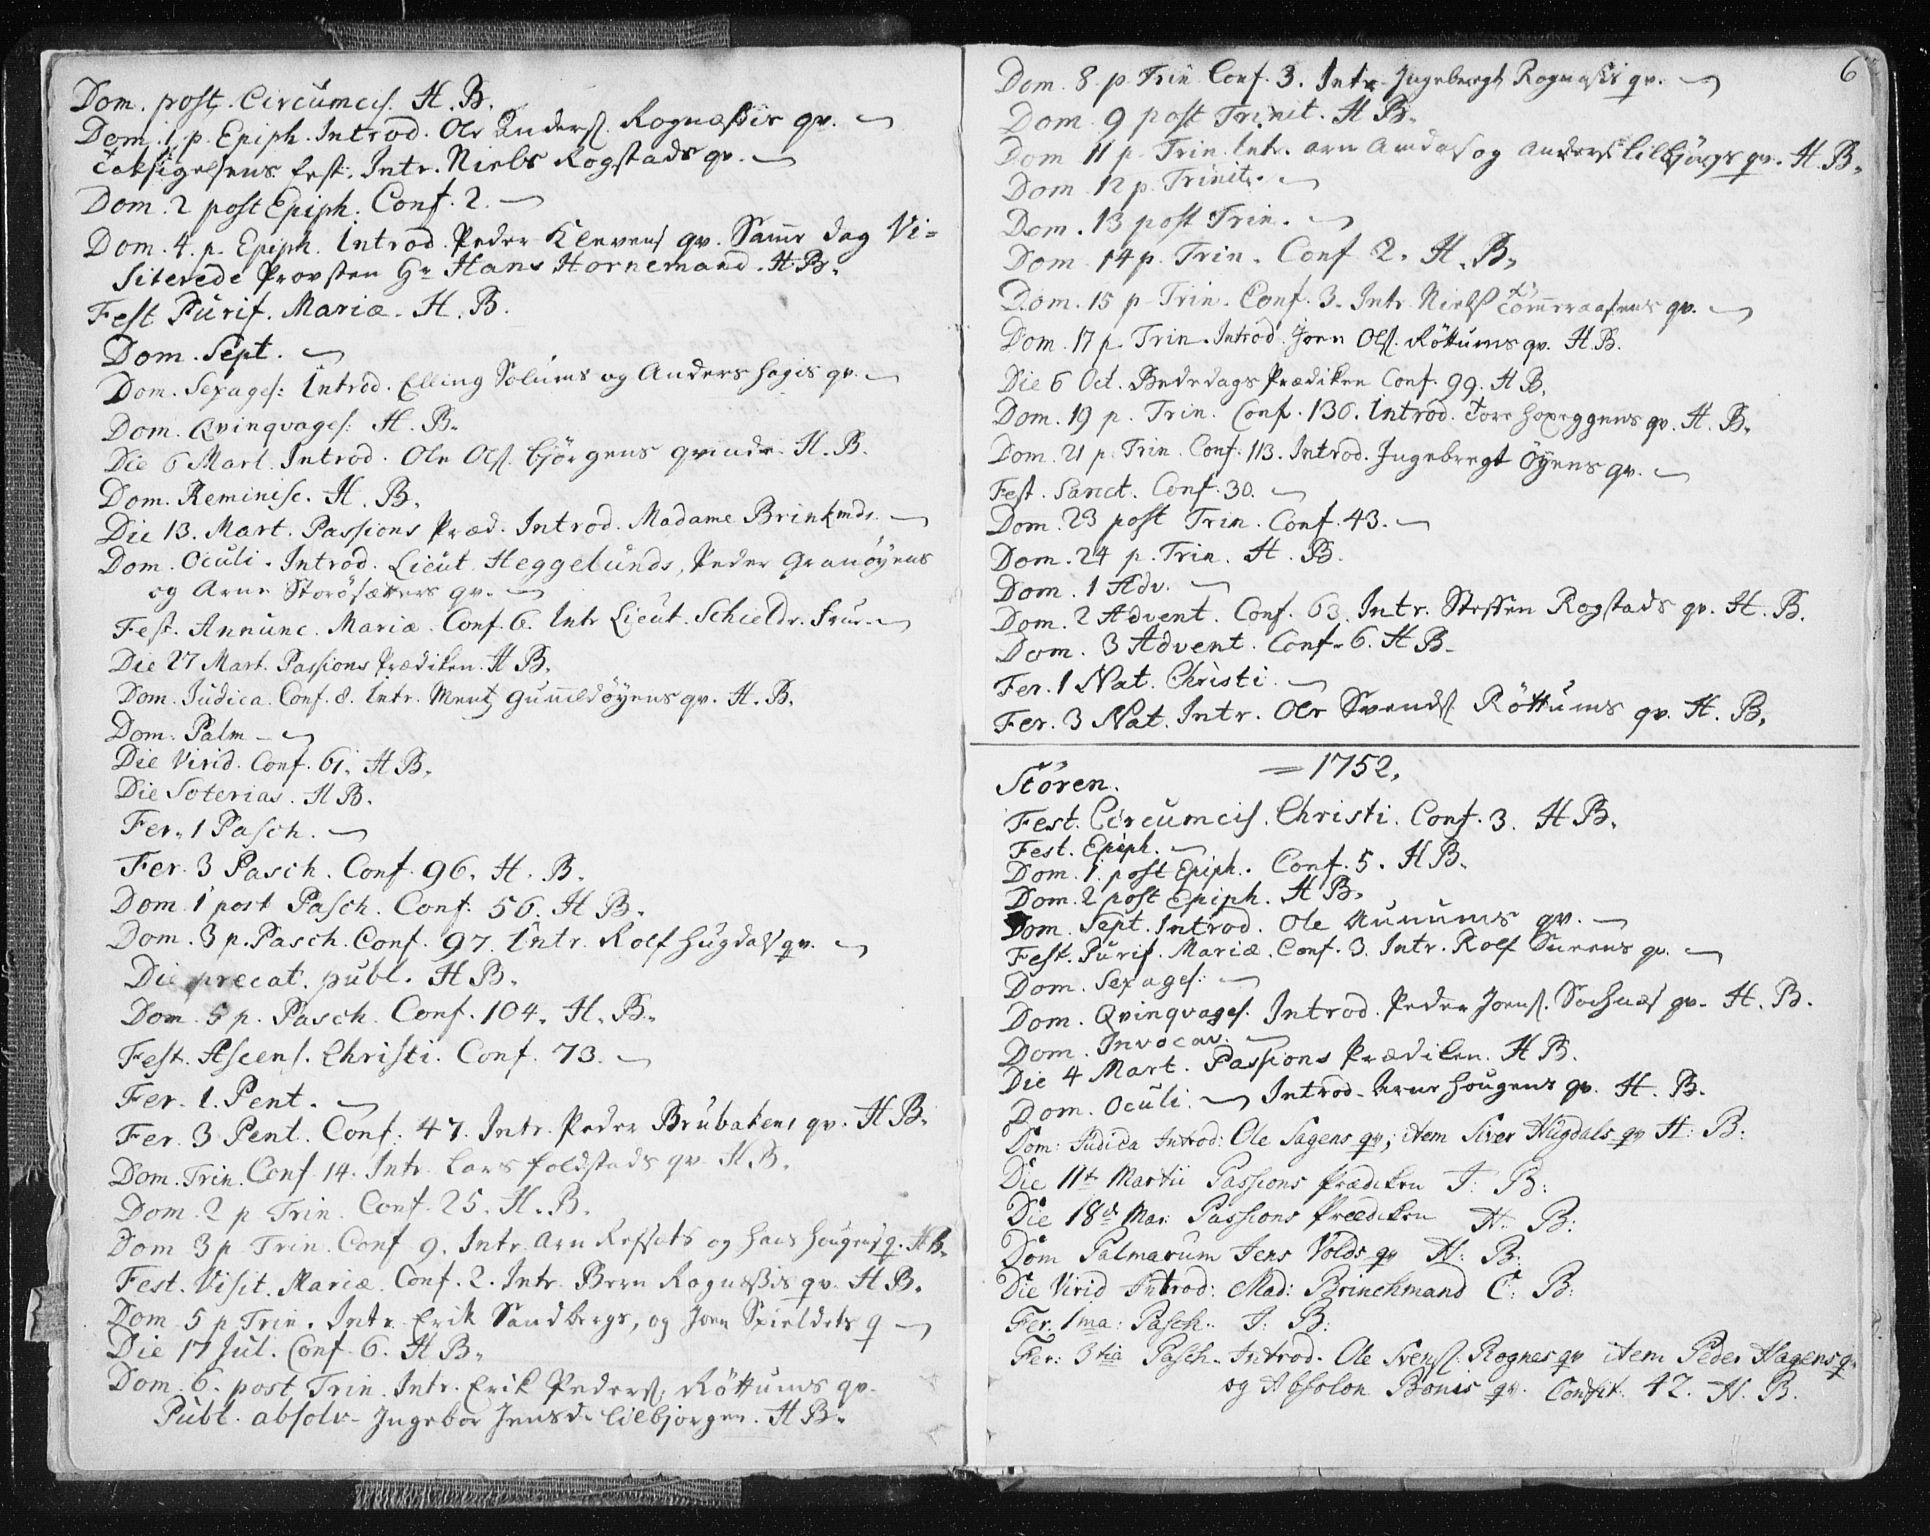 SAT, Ministerialprotokoller, klokkerbøker og fødselsregistre - Sør-Trøndelag, 687/L0991: Ministerialbok nr. 687A02, 1747-1790, s. 6